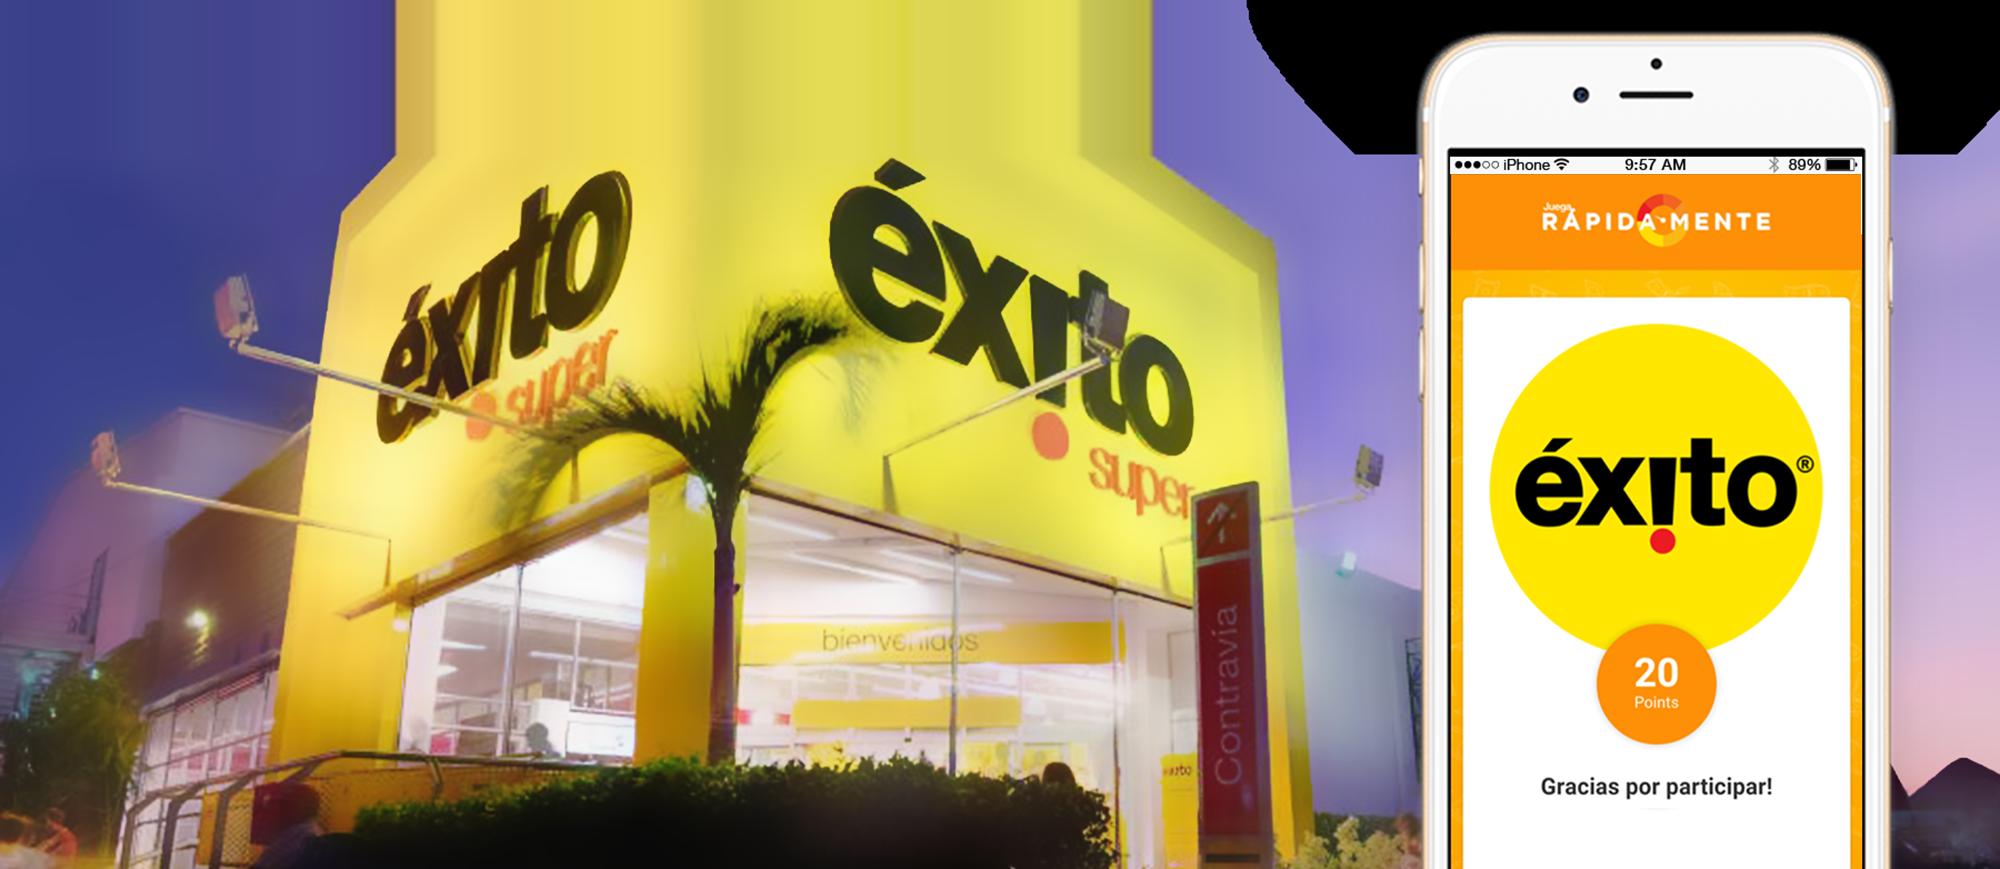 רשת Grupo Éxito, חברת הריטייל הגדולה ביותר בקולומביה המפעילה רשת חנויות בתחום המזון